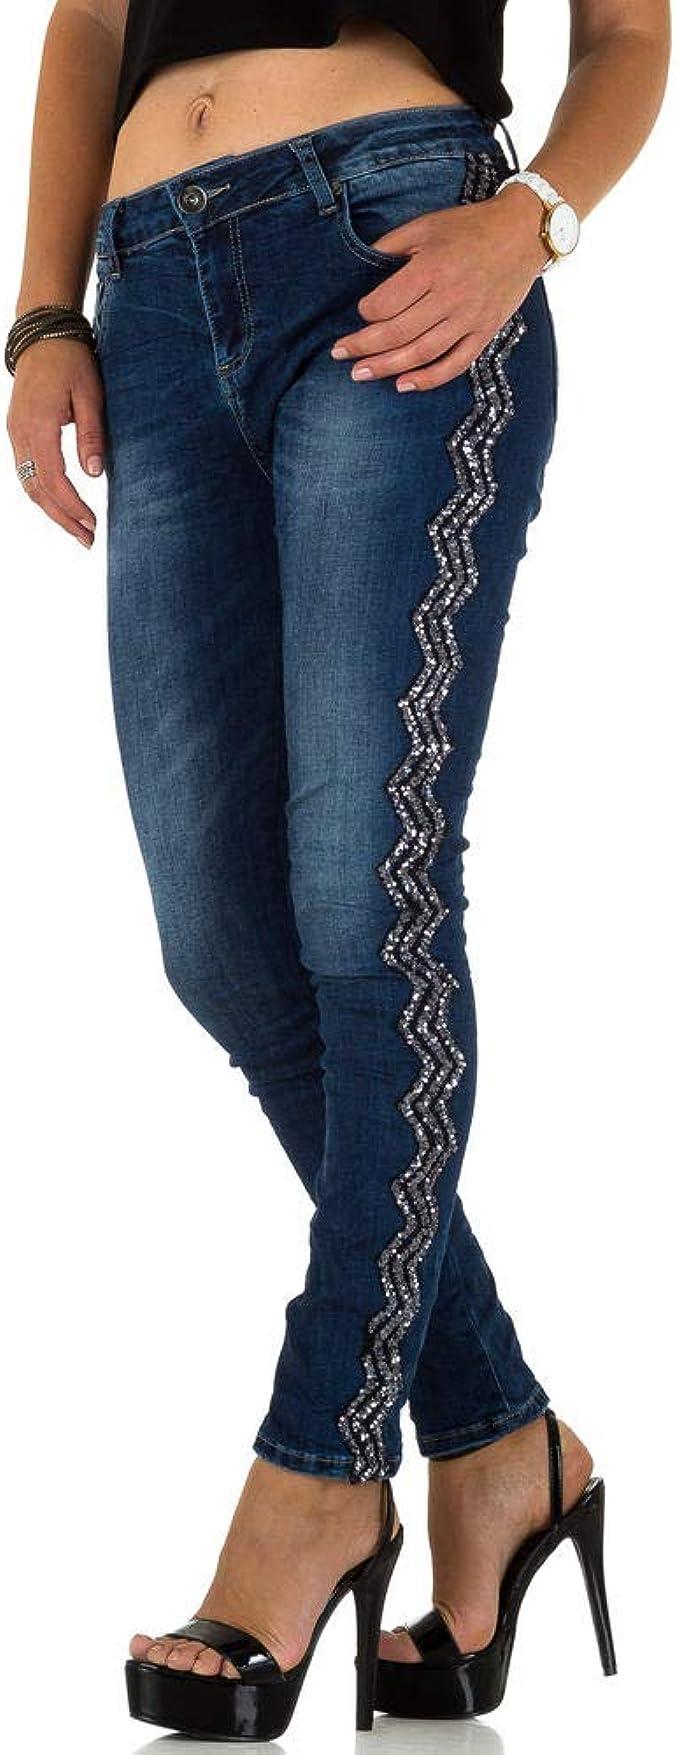 Koucla Jeanshose Damen Skinny Jeans mit Pailletten